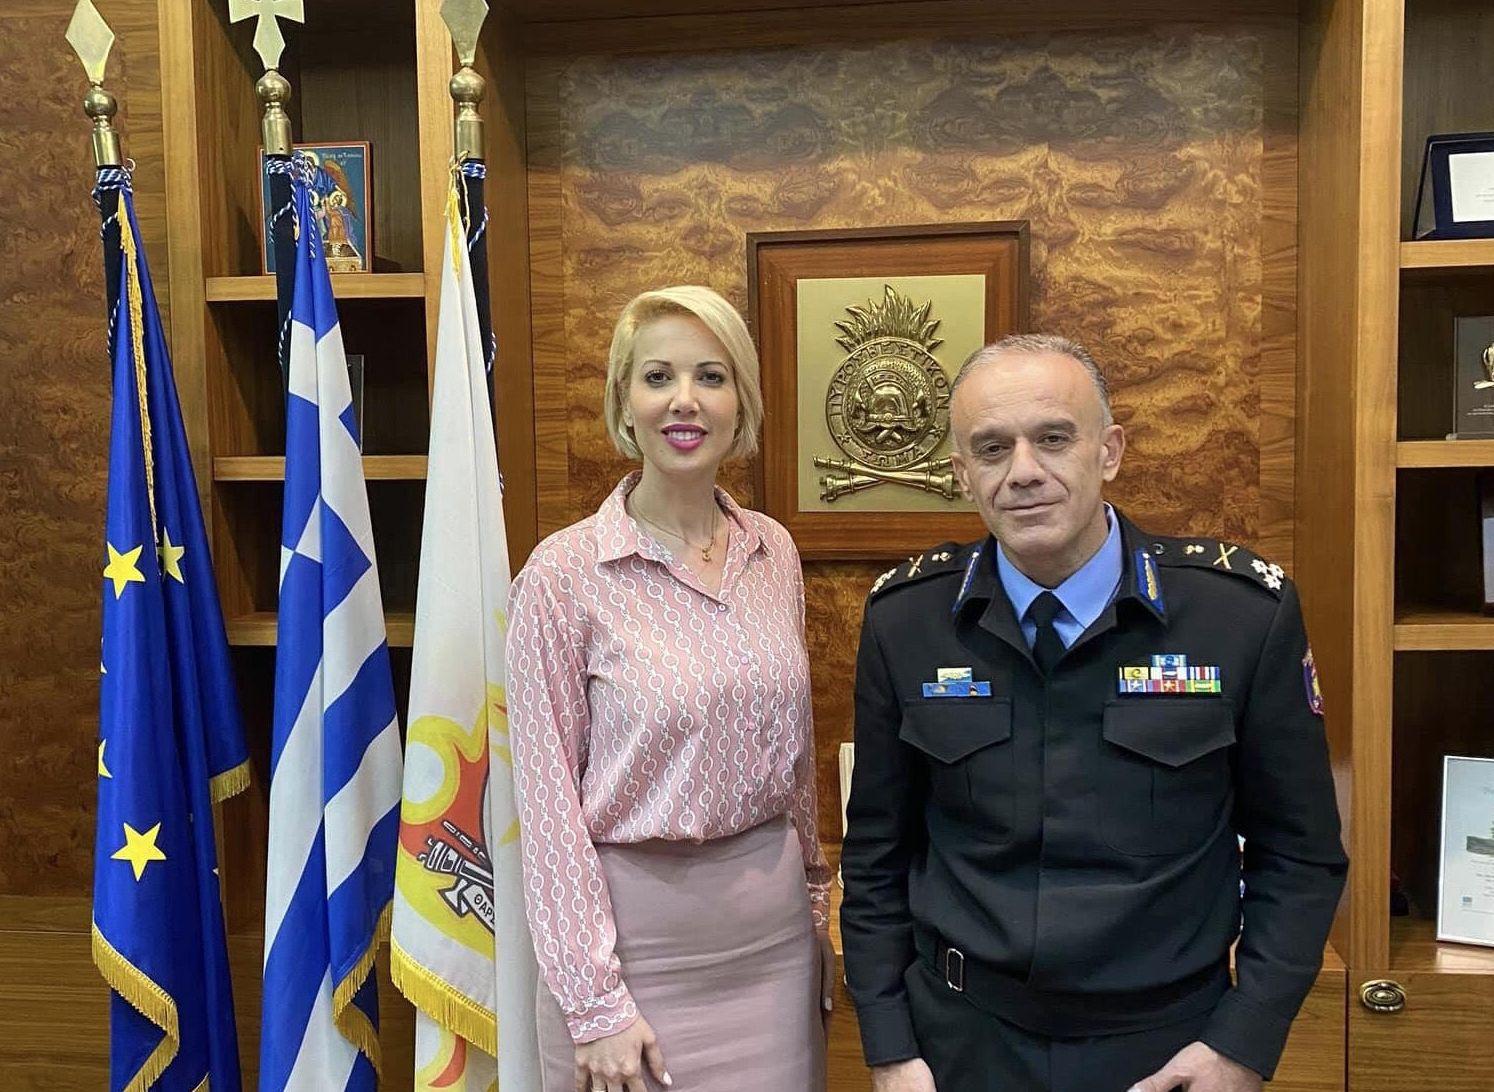 Συνάντηση Κατερίνας Μονογυιού με τον Αρχηγό του Πυροσβεστικού Σώματος